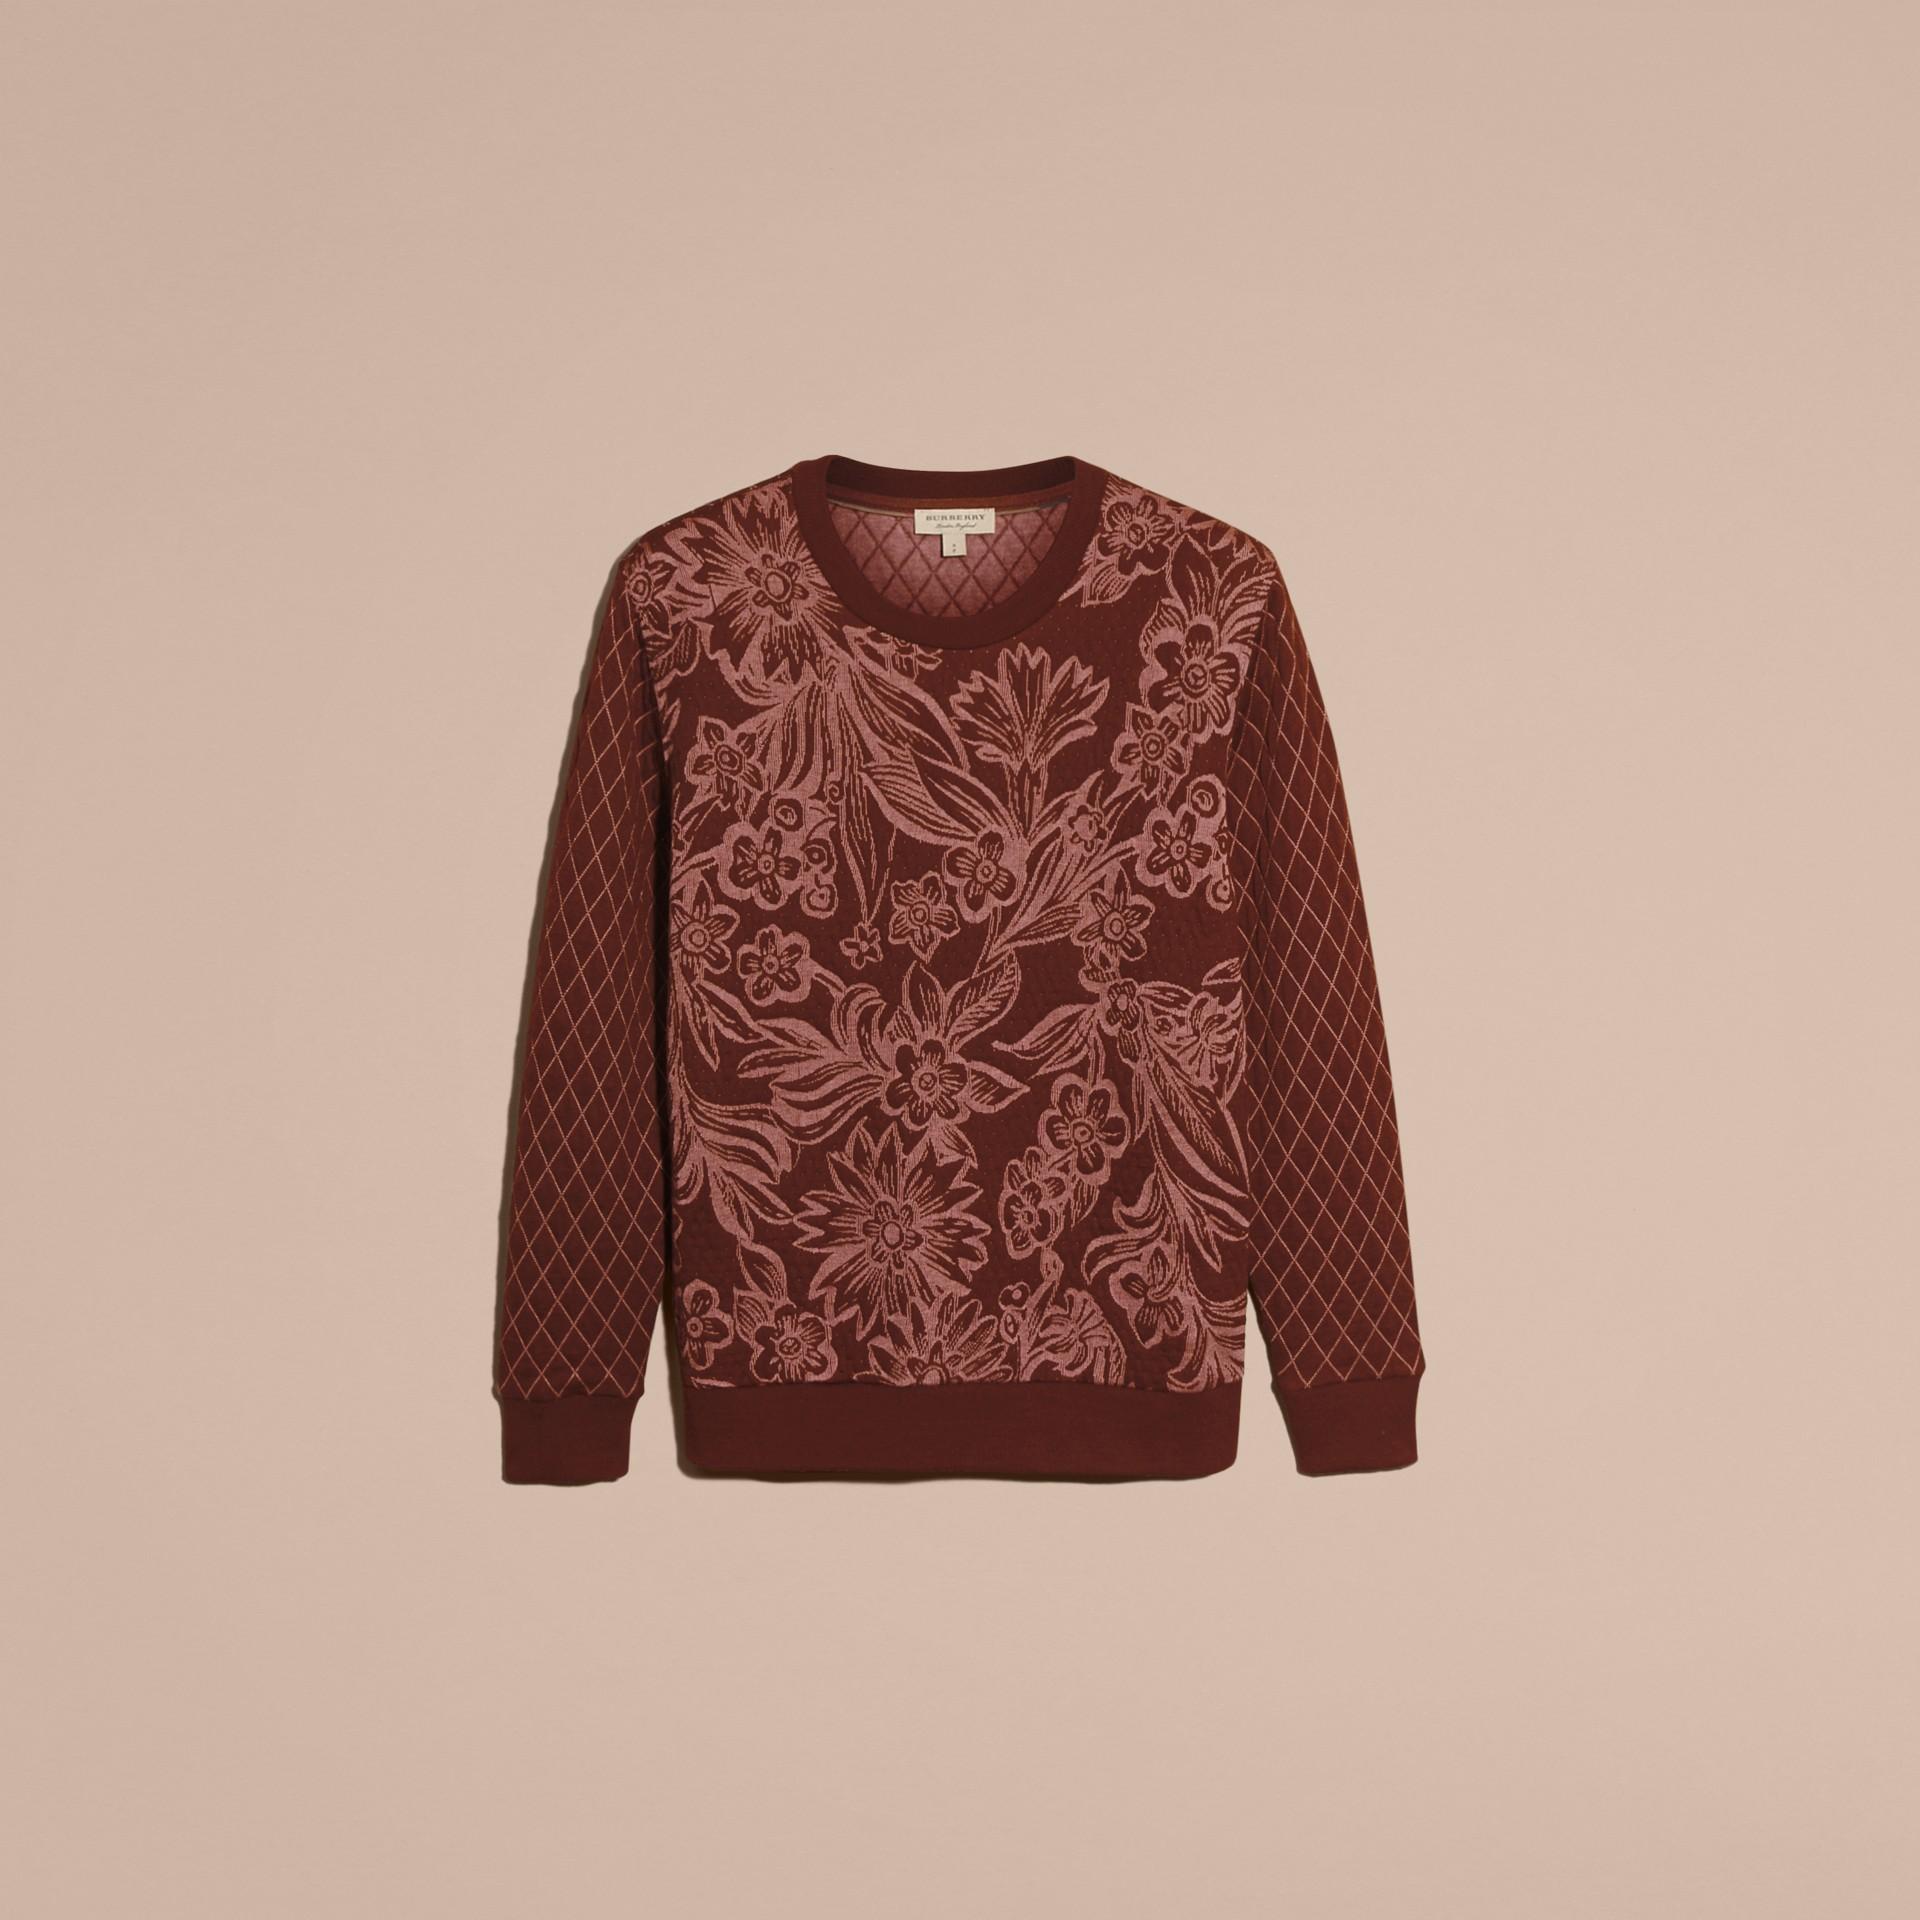 Granata Pullover in misto cotone e lana con motivo floreale in jacquard - immagine della galleria 4